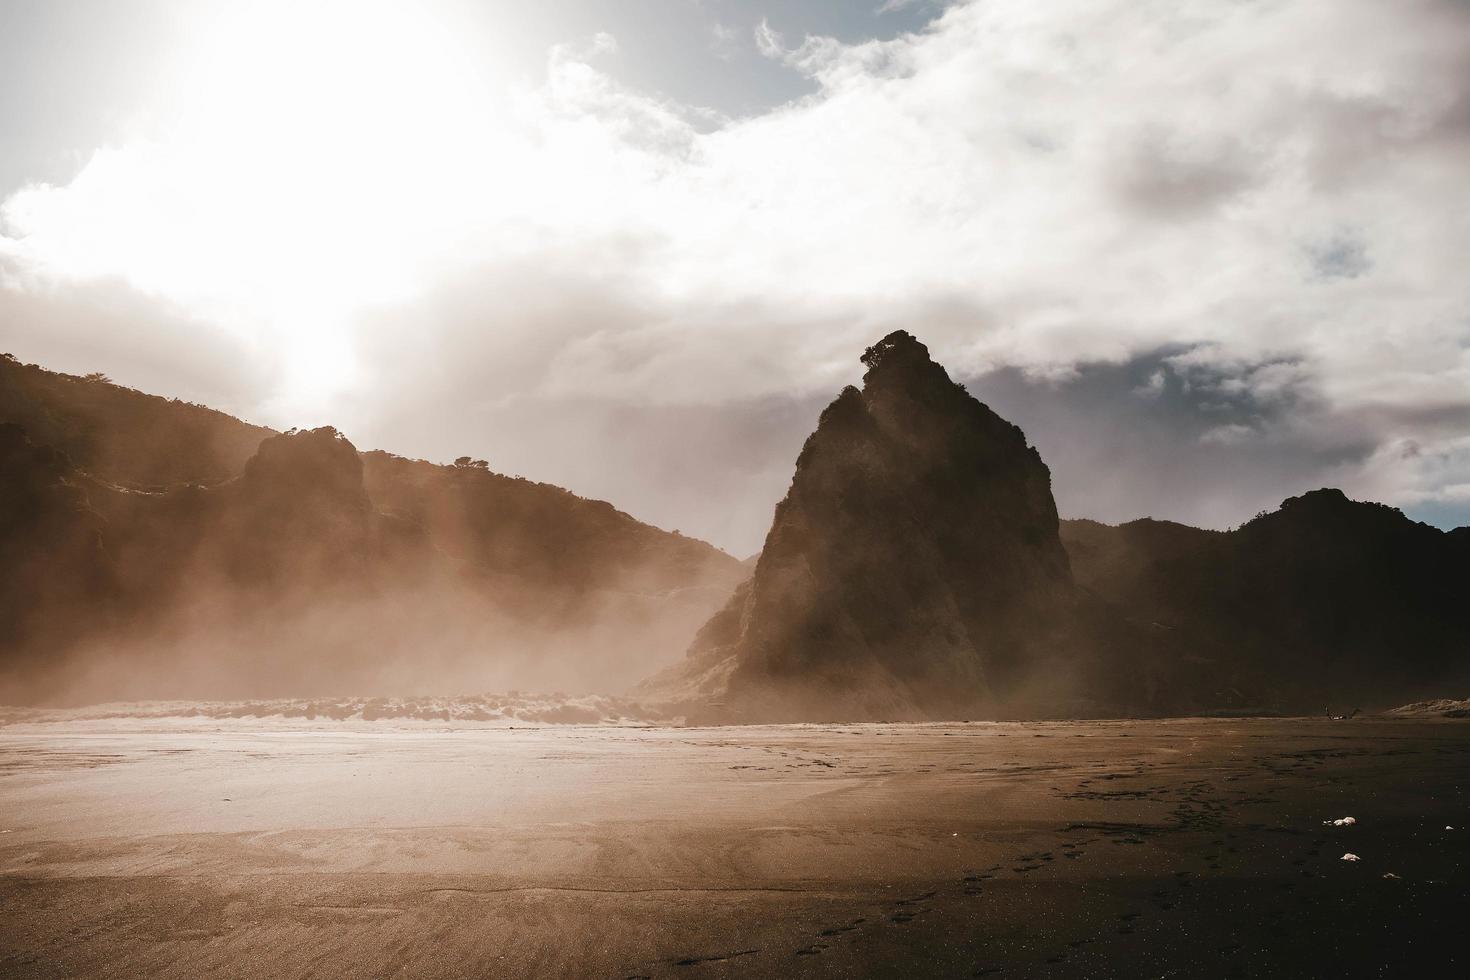 montagnes dans le brouillard et le ciel nuageux photo